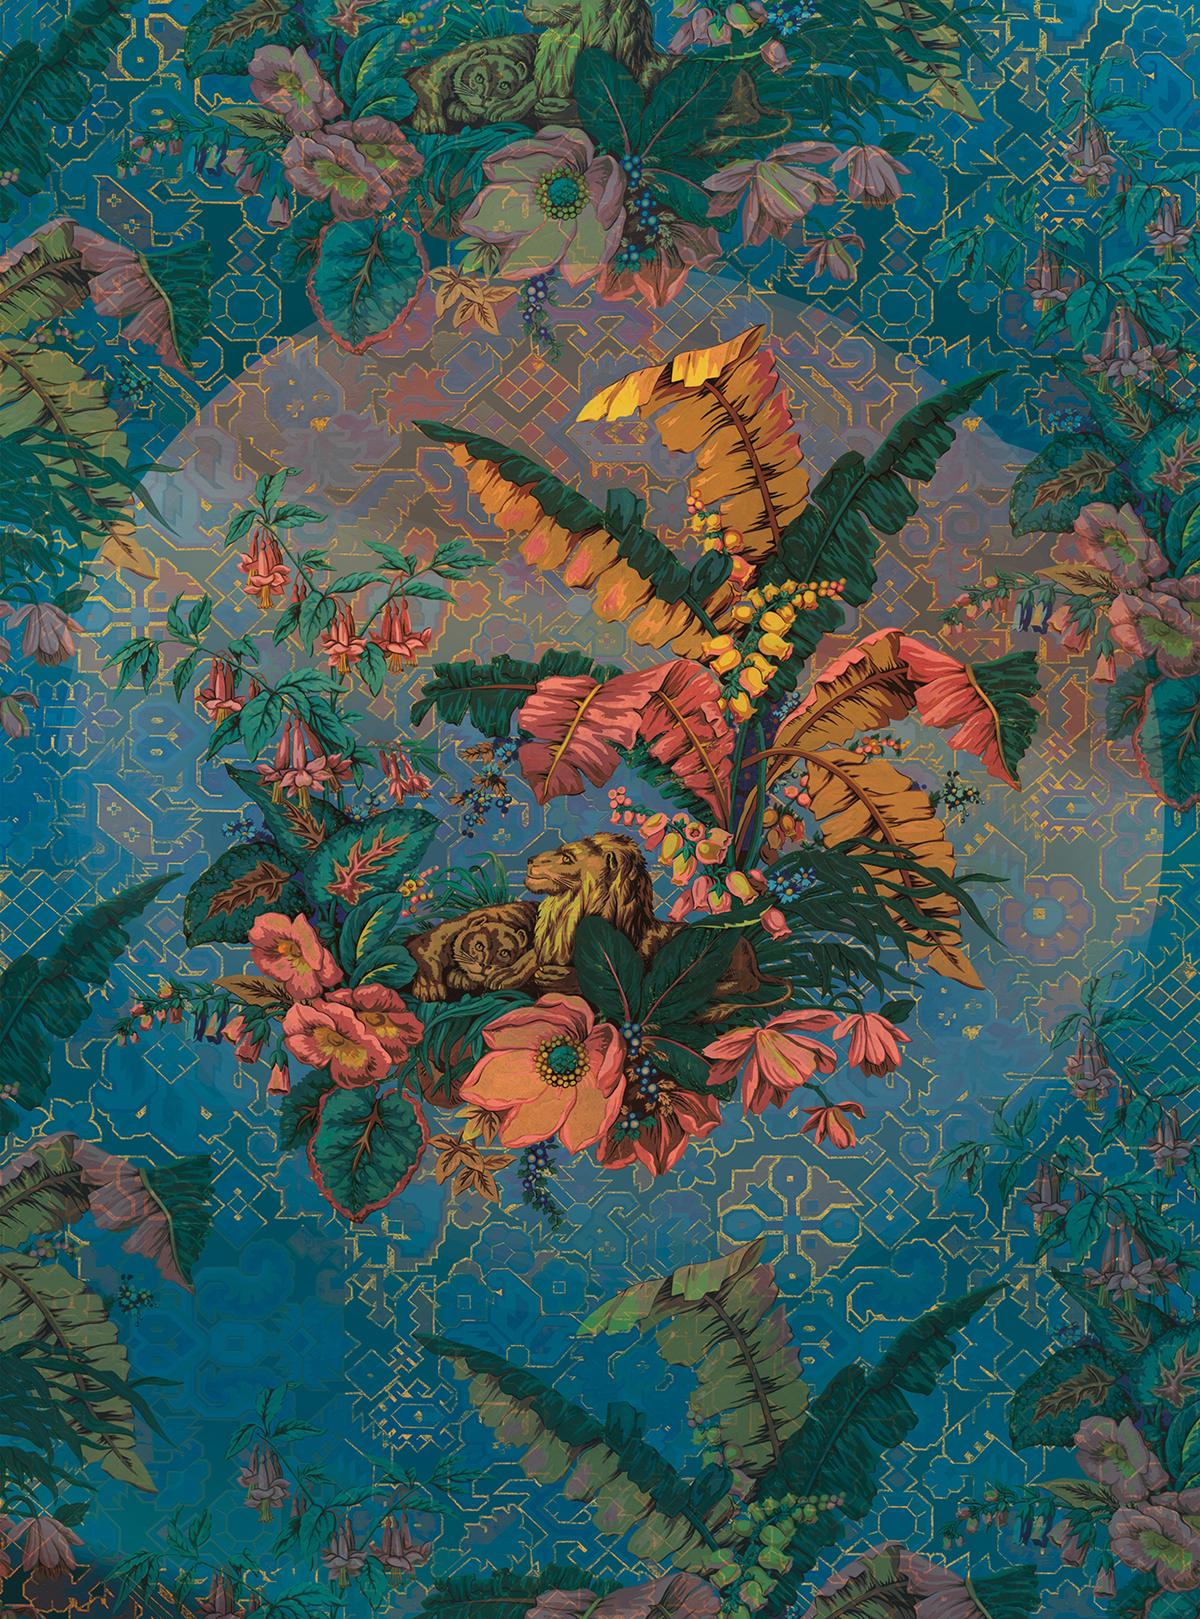 Papier peint panoramique nature Orient Bleu - Papier peint Komar Heritage